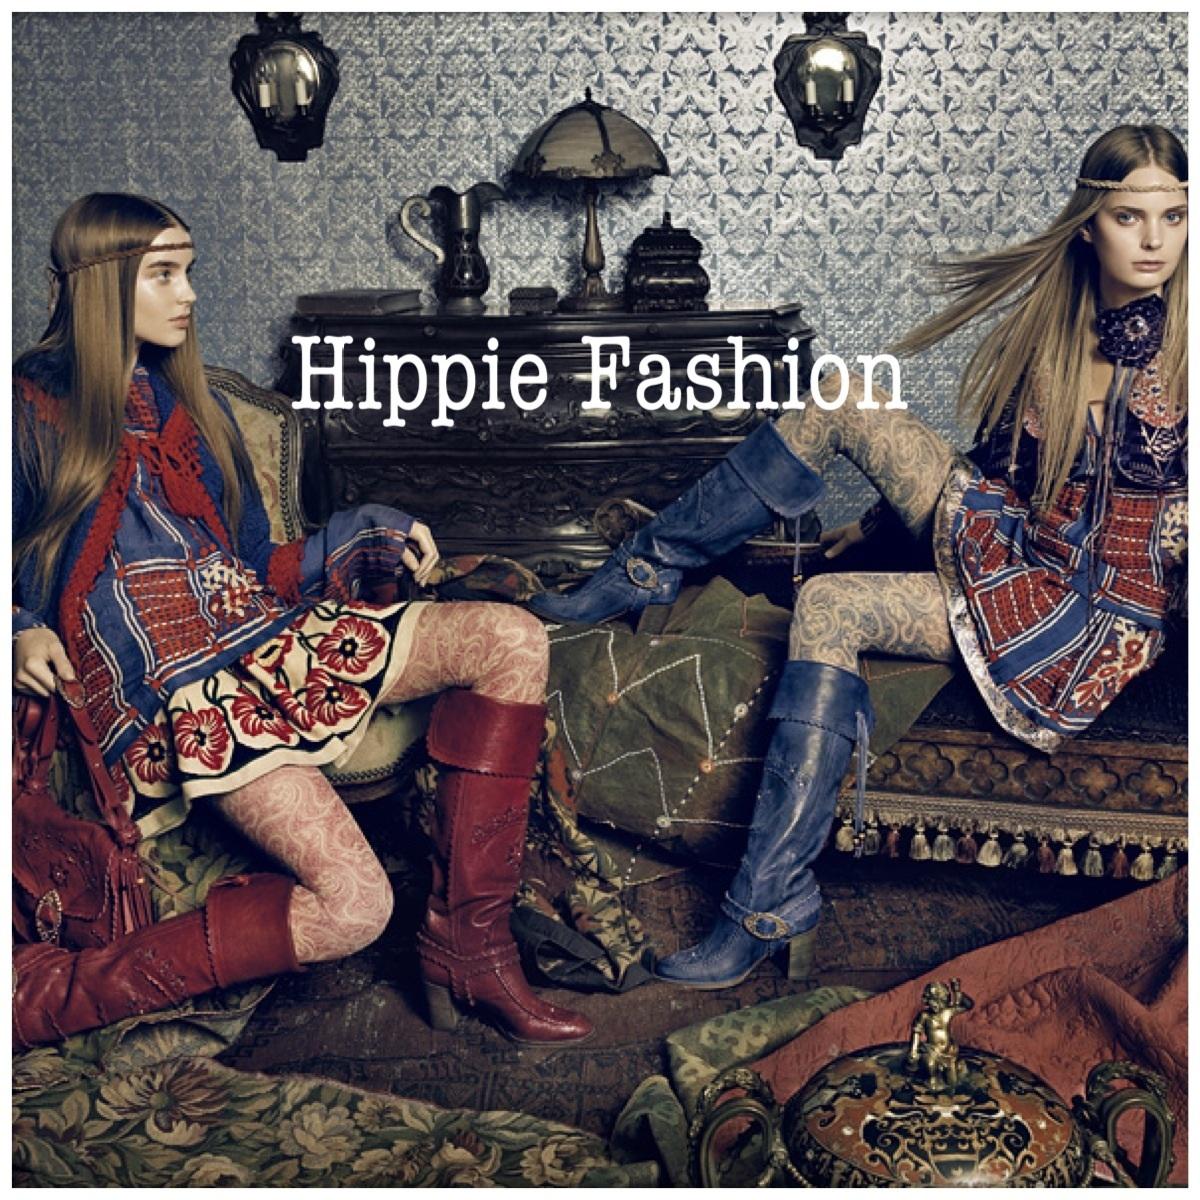 Hippie movement style ersity